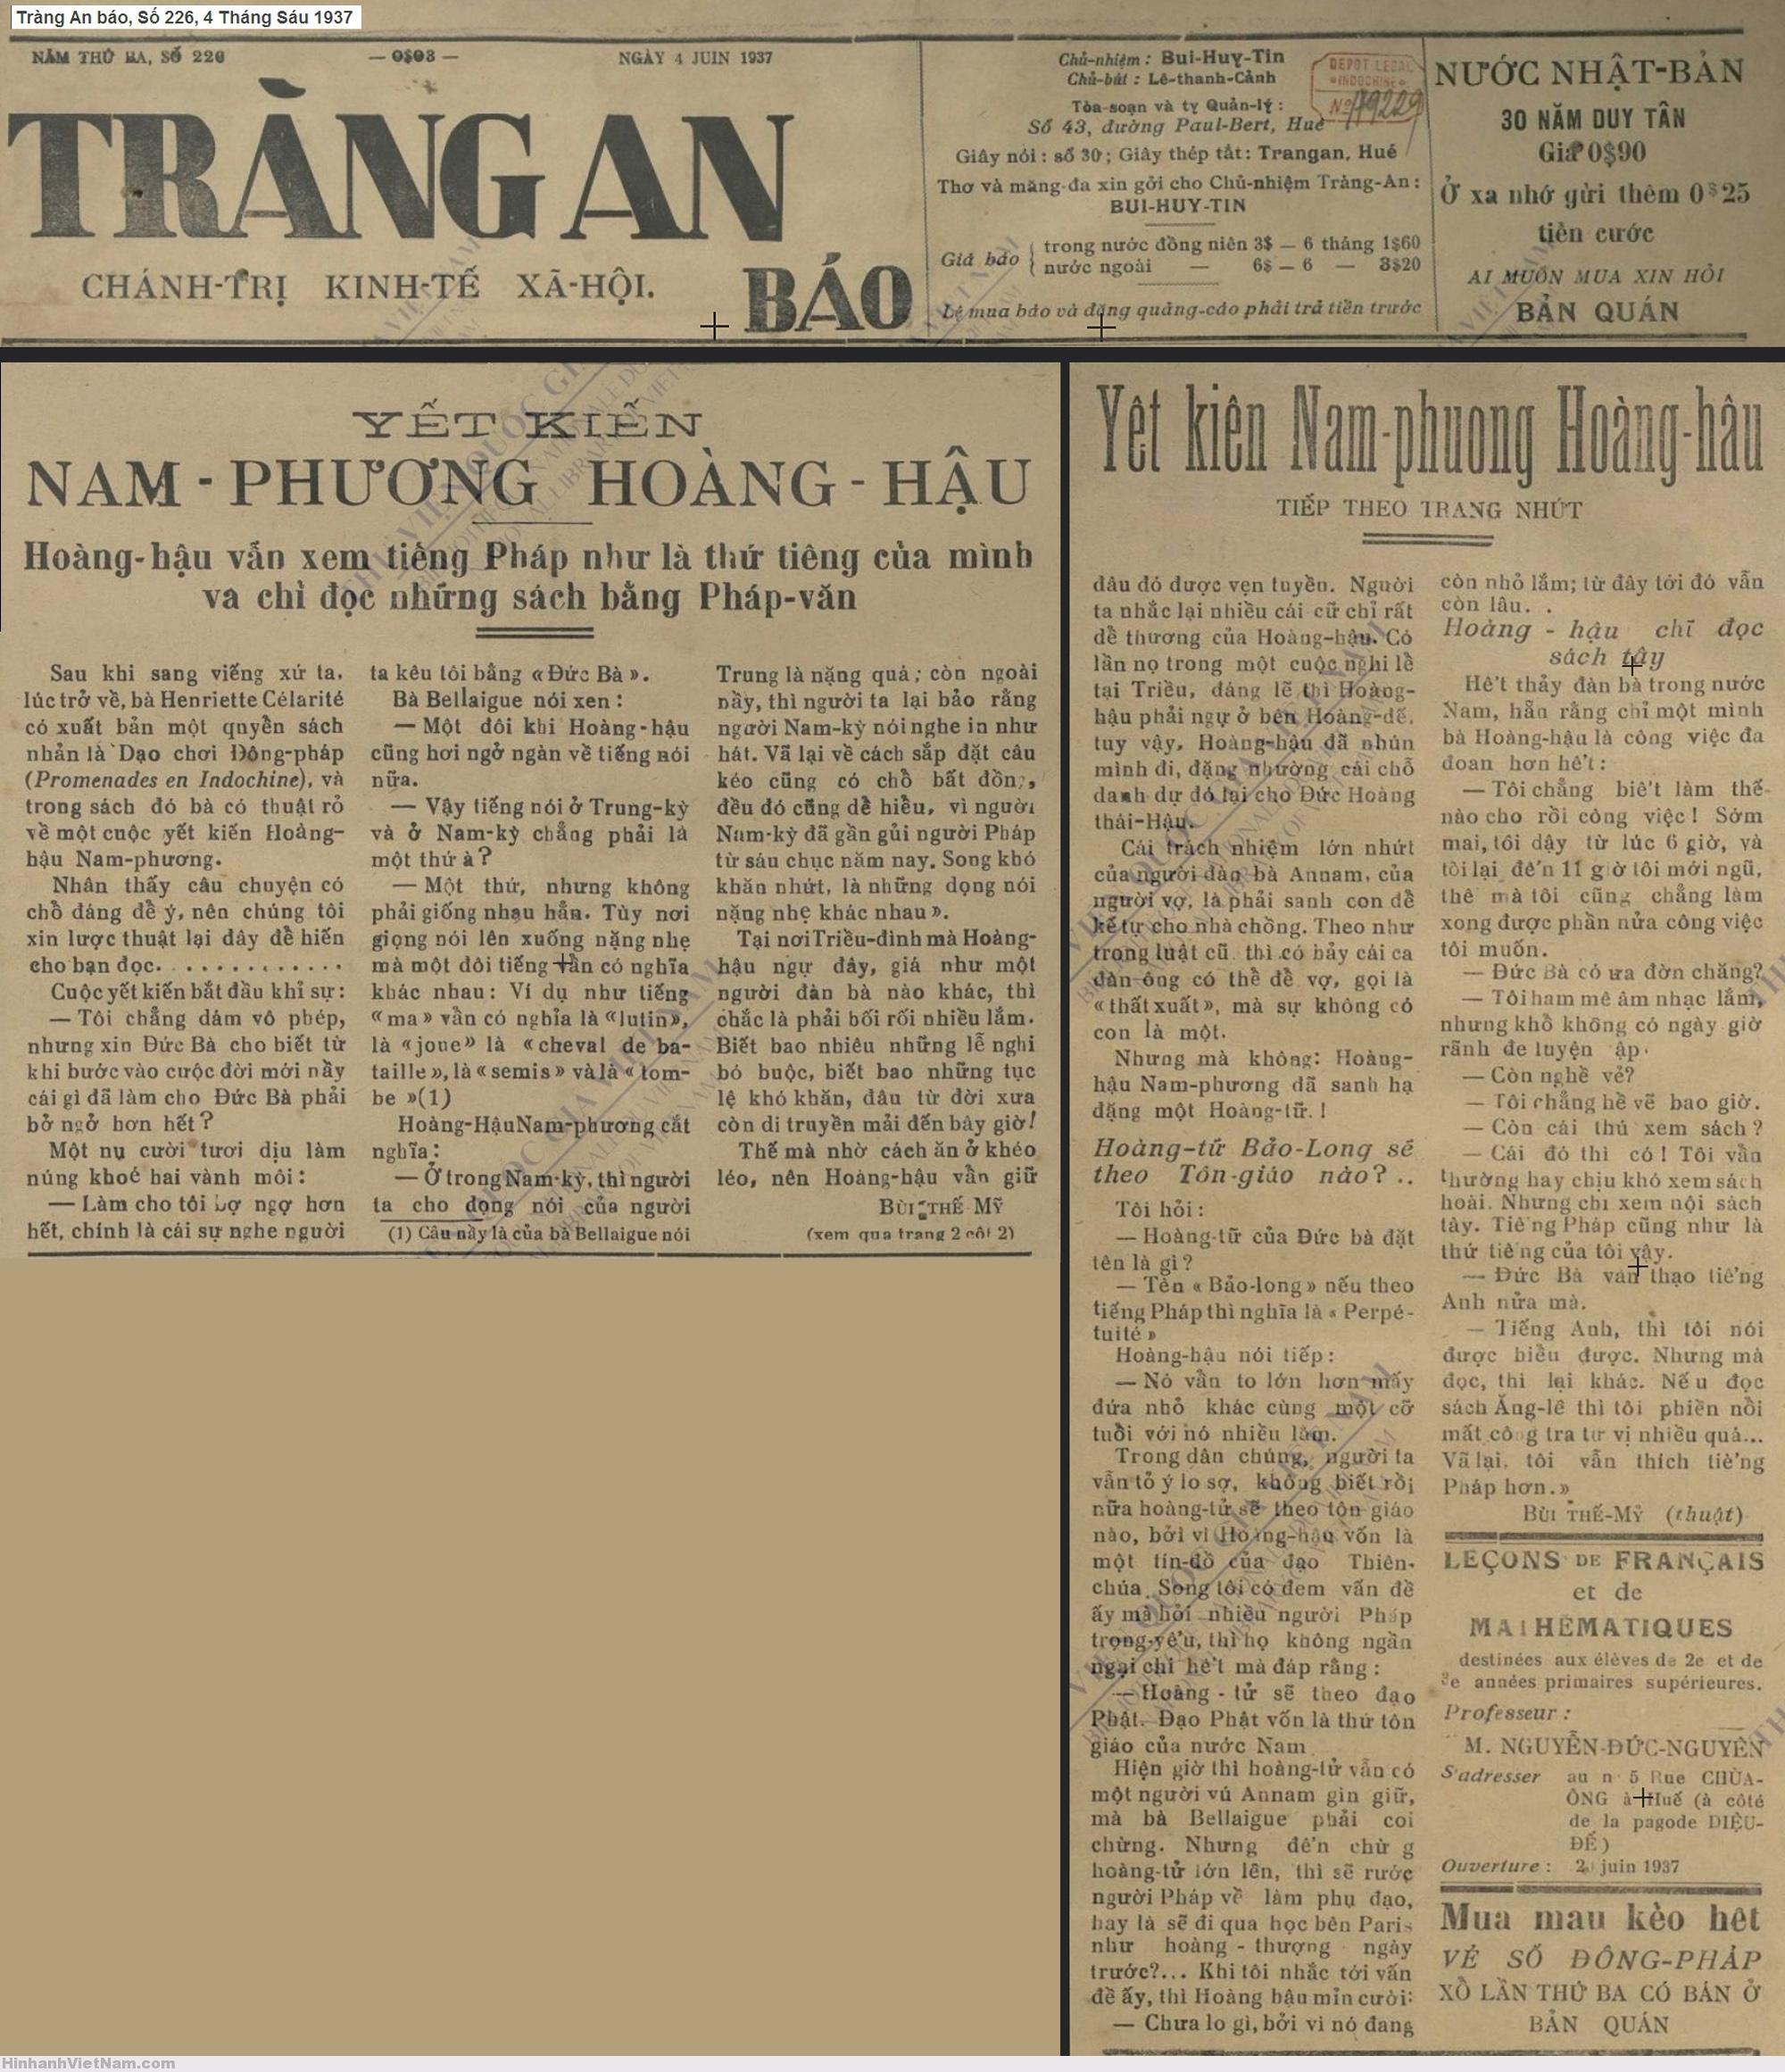 Tràng An báo, Số 226, 4 Tháng Sáu 1937 — Yết kiến Nam Phương Hoàng hậu